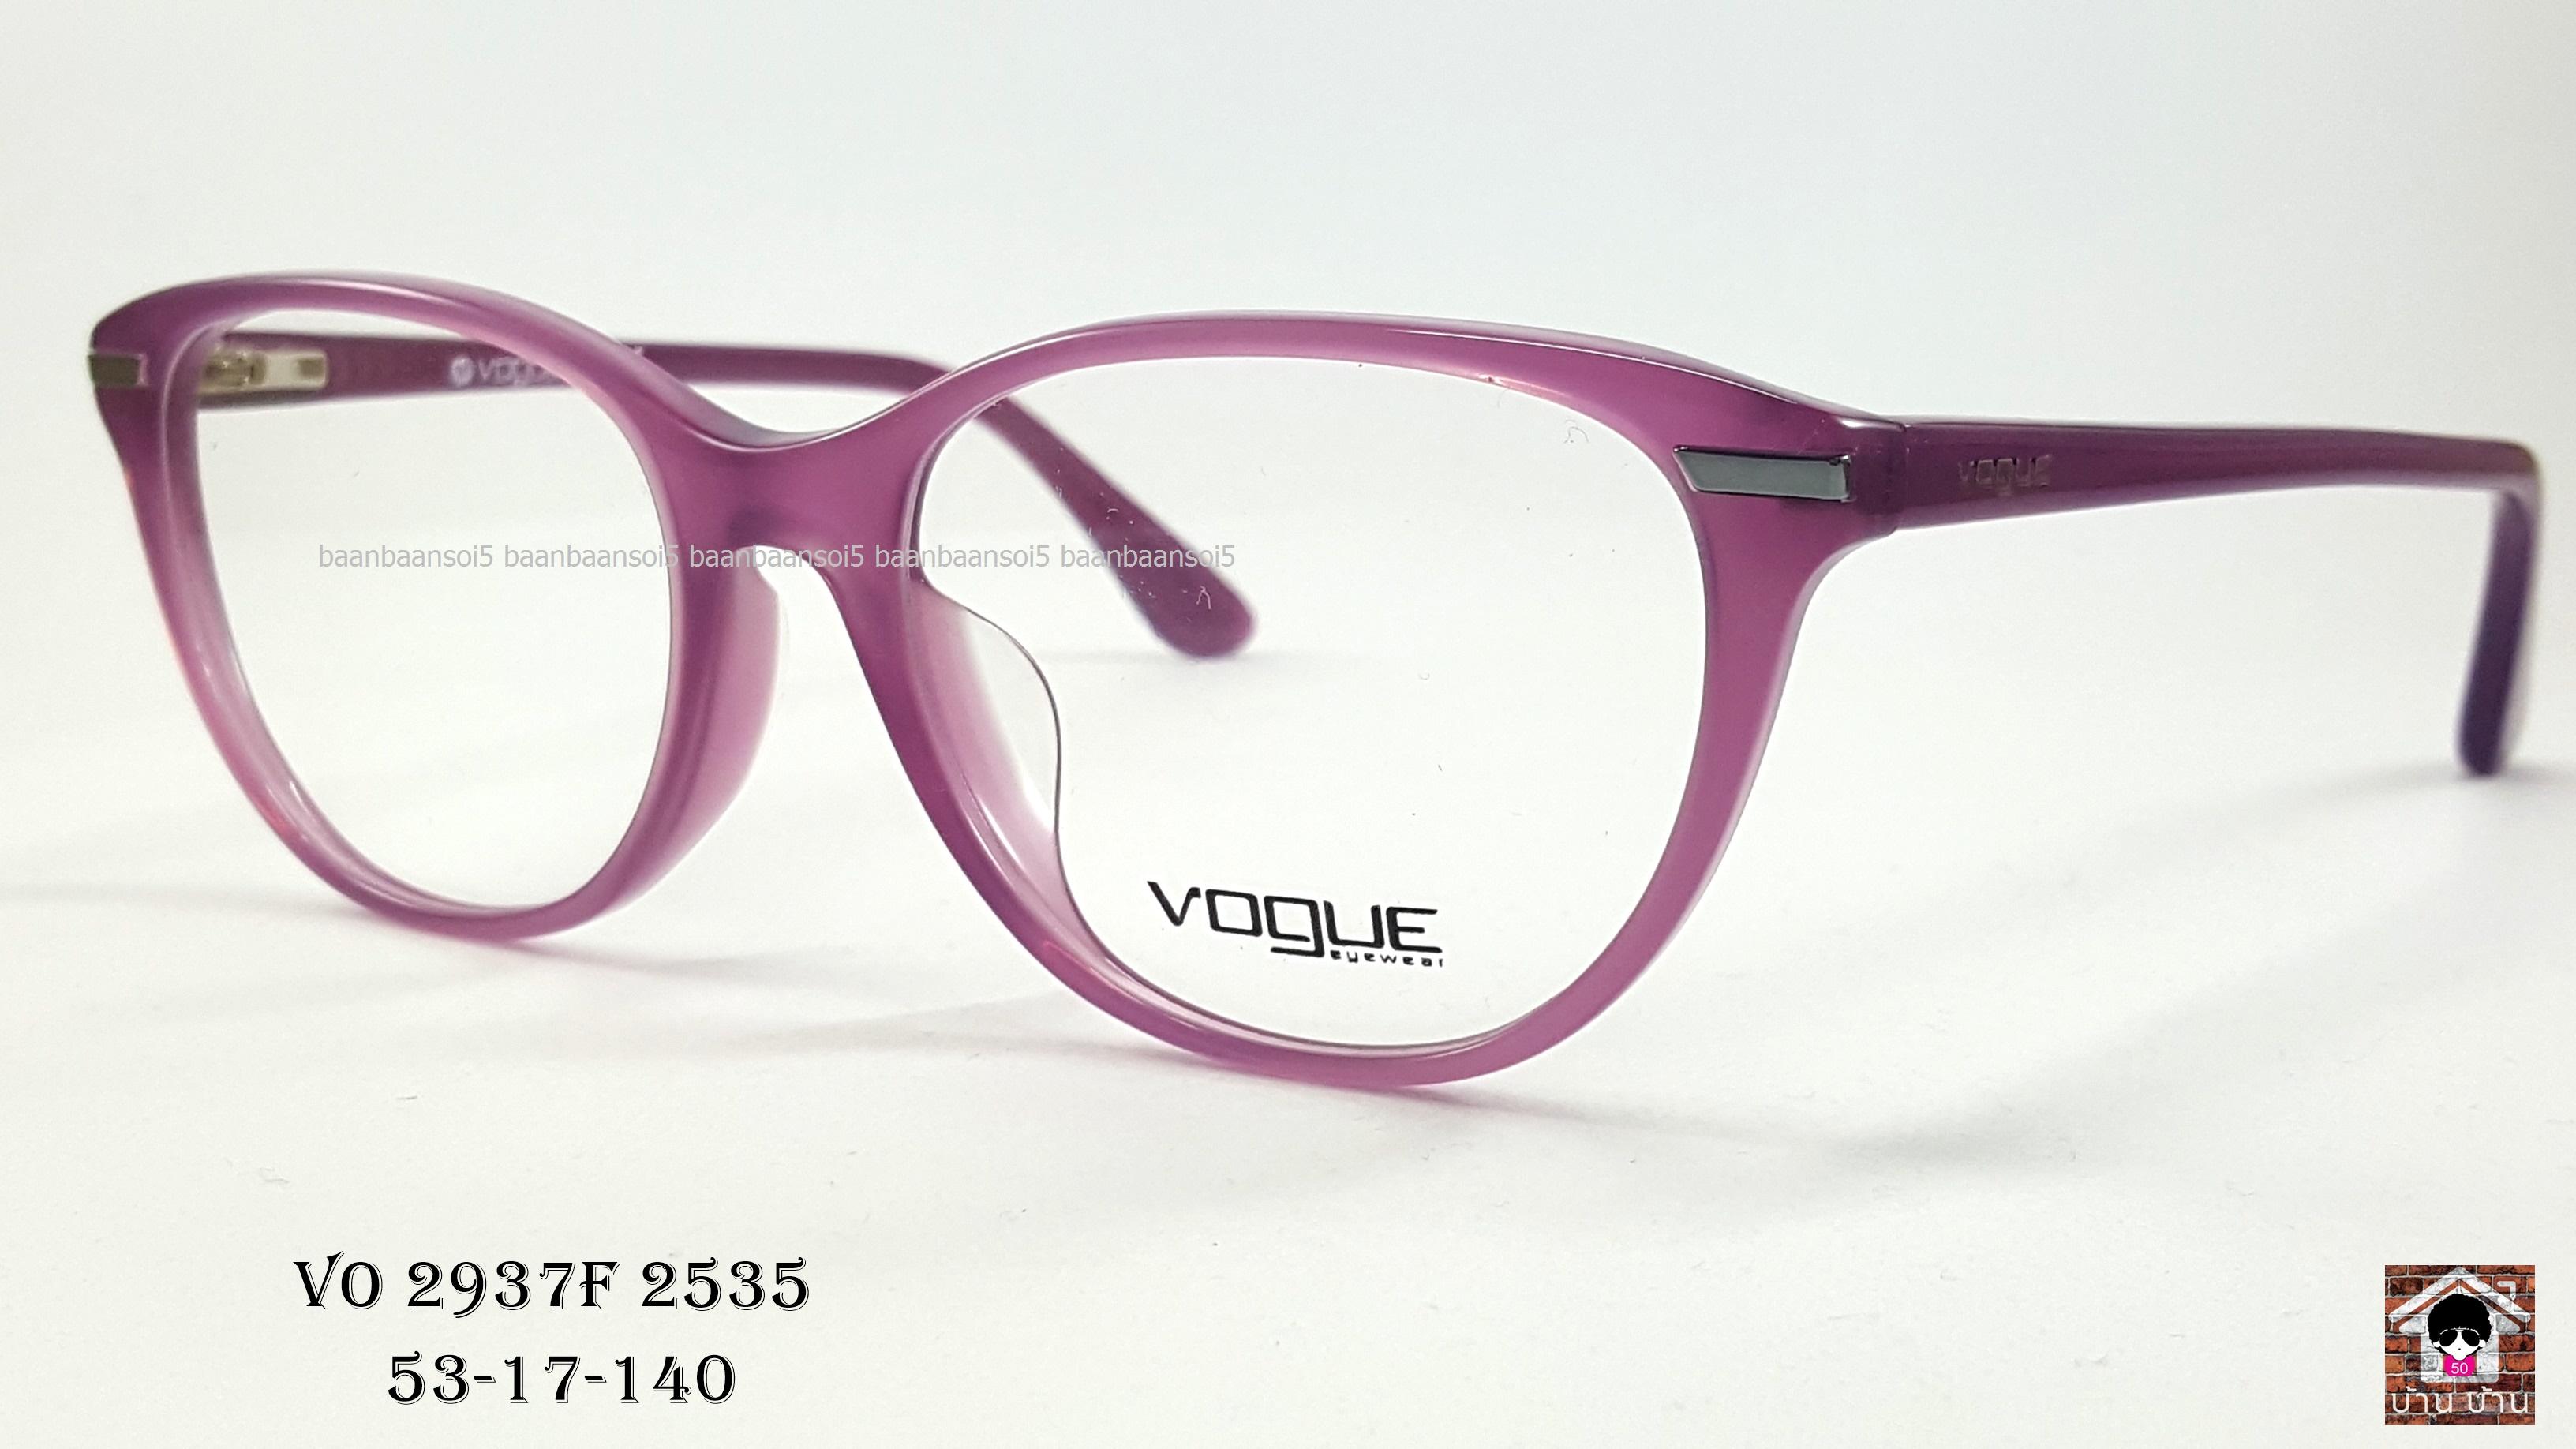 Vogue vo 2937F 2535 โปรโมชั่น กรอบแว่นตาพร้อมเลนส์ HOYA ราคา 3,300 บาท